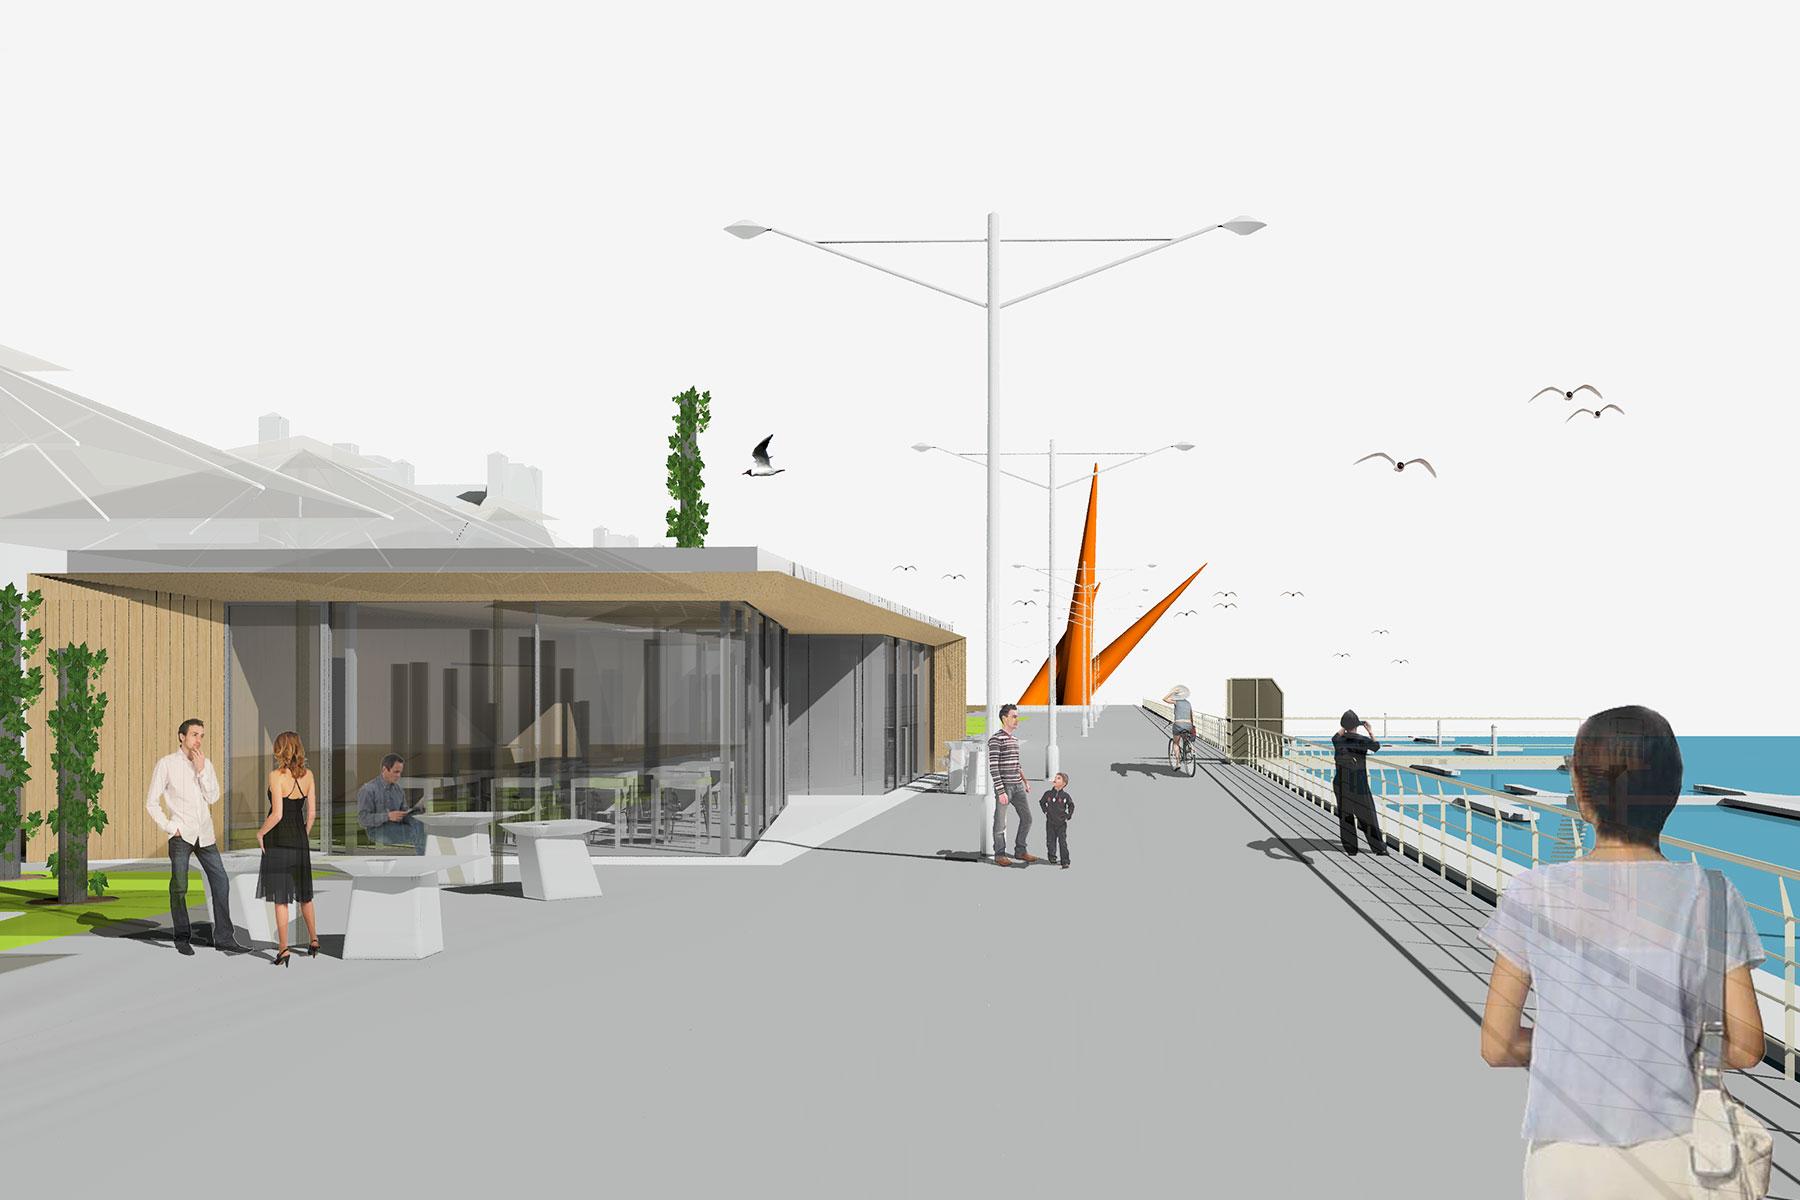 Terrazas puerto de avil s henka arquitectos - Arquitectos aviles ...